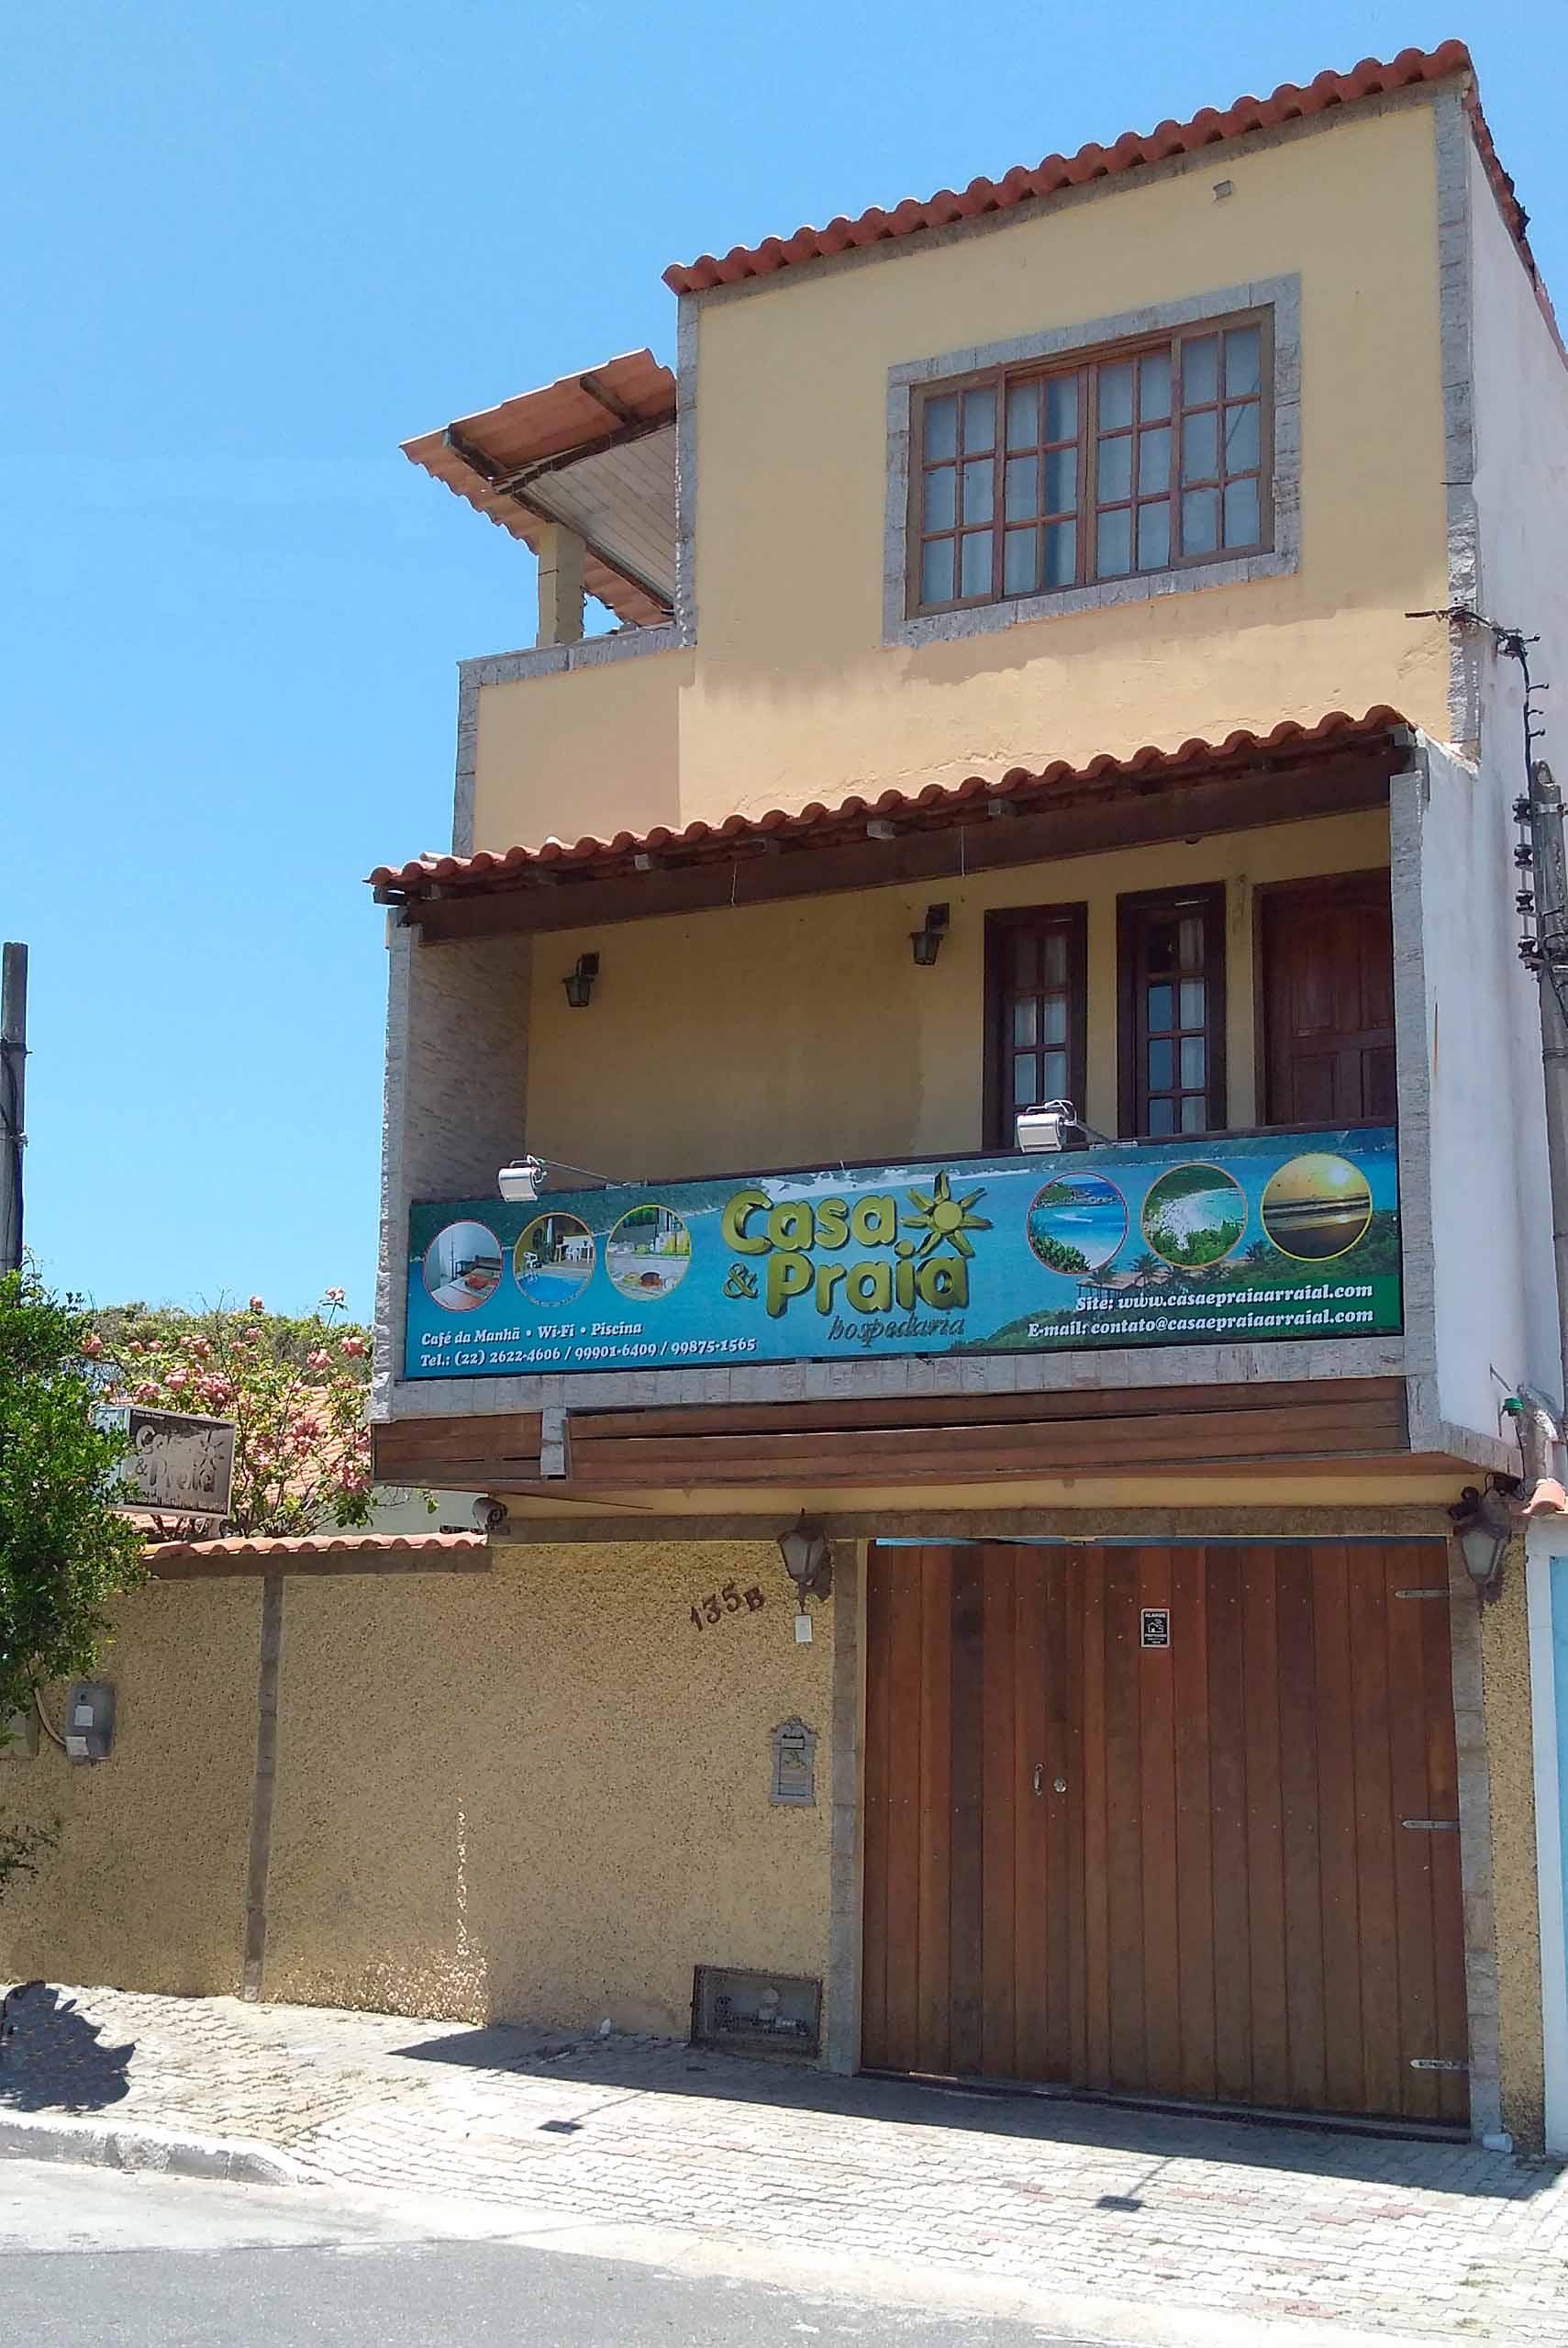 Casa e Praia 2016 (13)